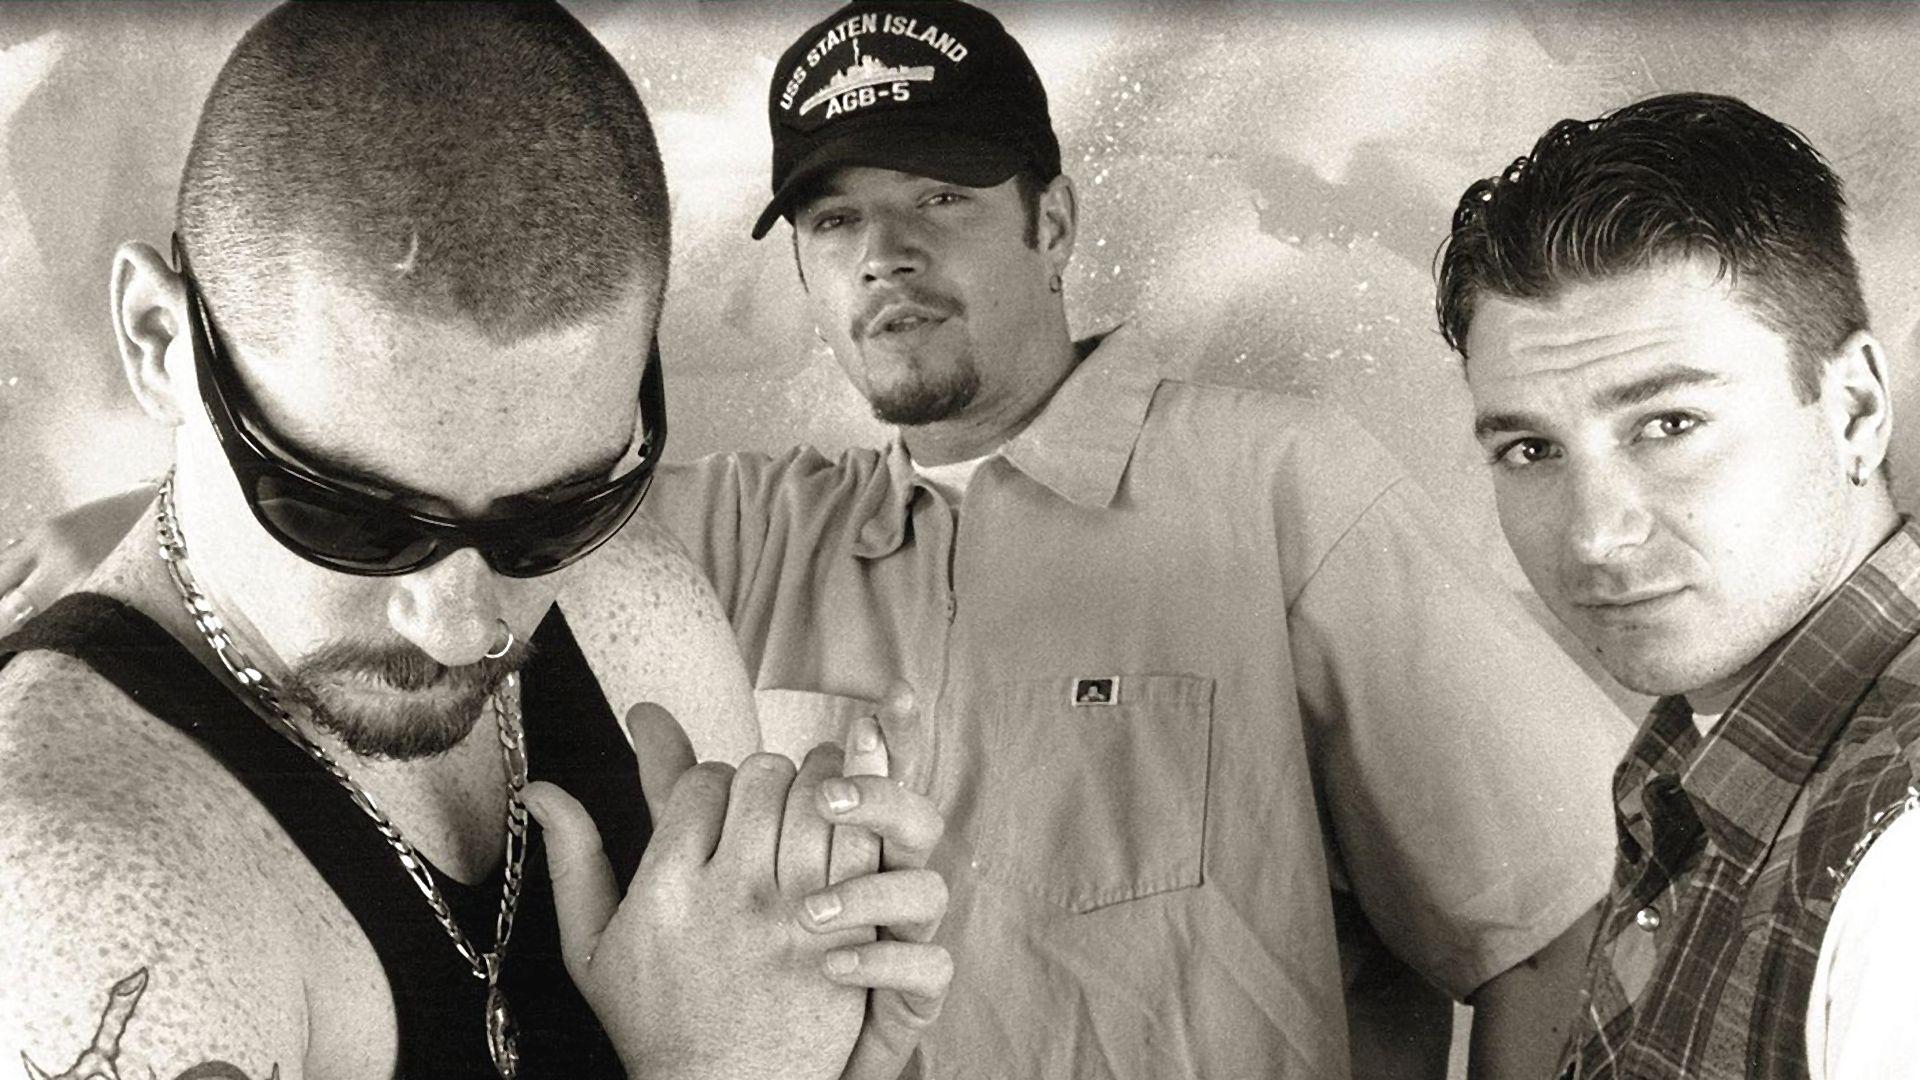 via hip-hop-music.wikia.com